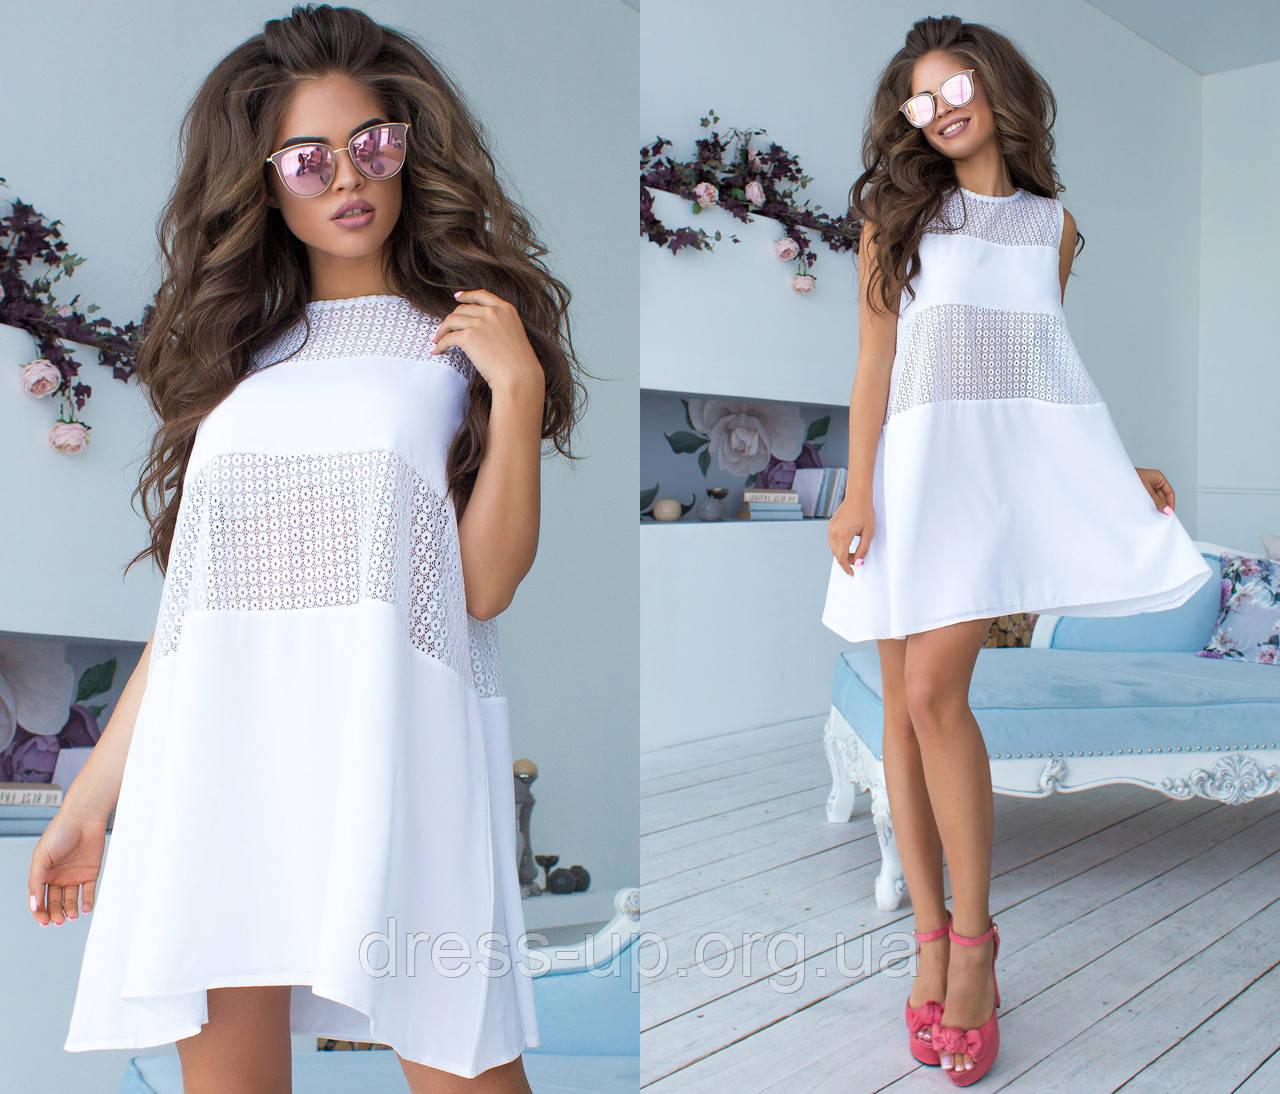 a8f2041ec30 Купить Летнее платье женское разлетайку (3 цвета)- Белое ТК -4008 ...